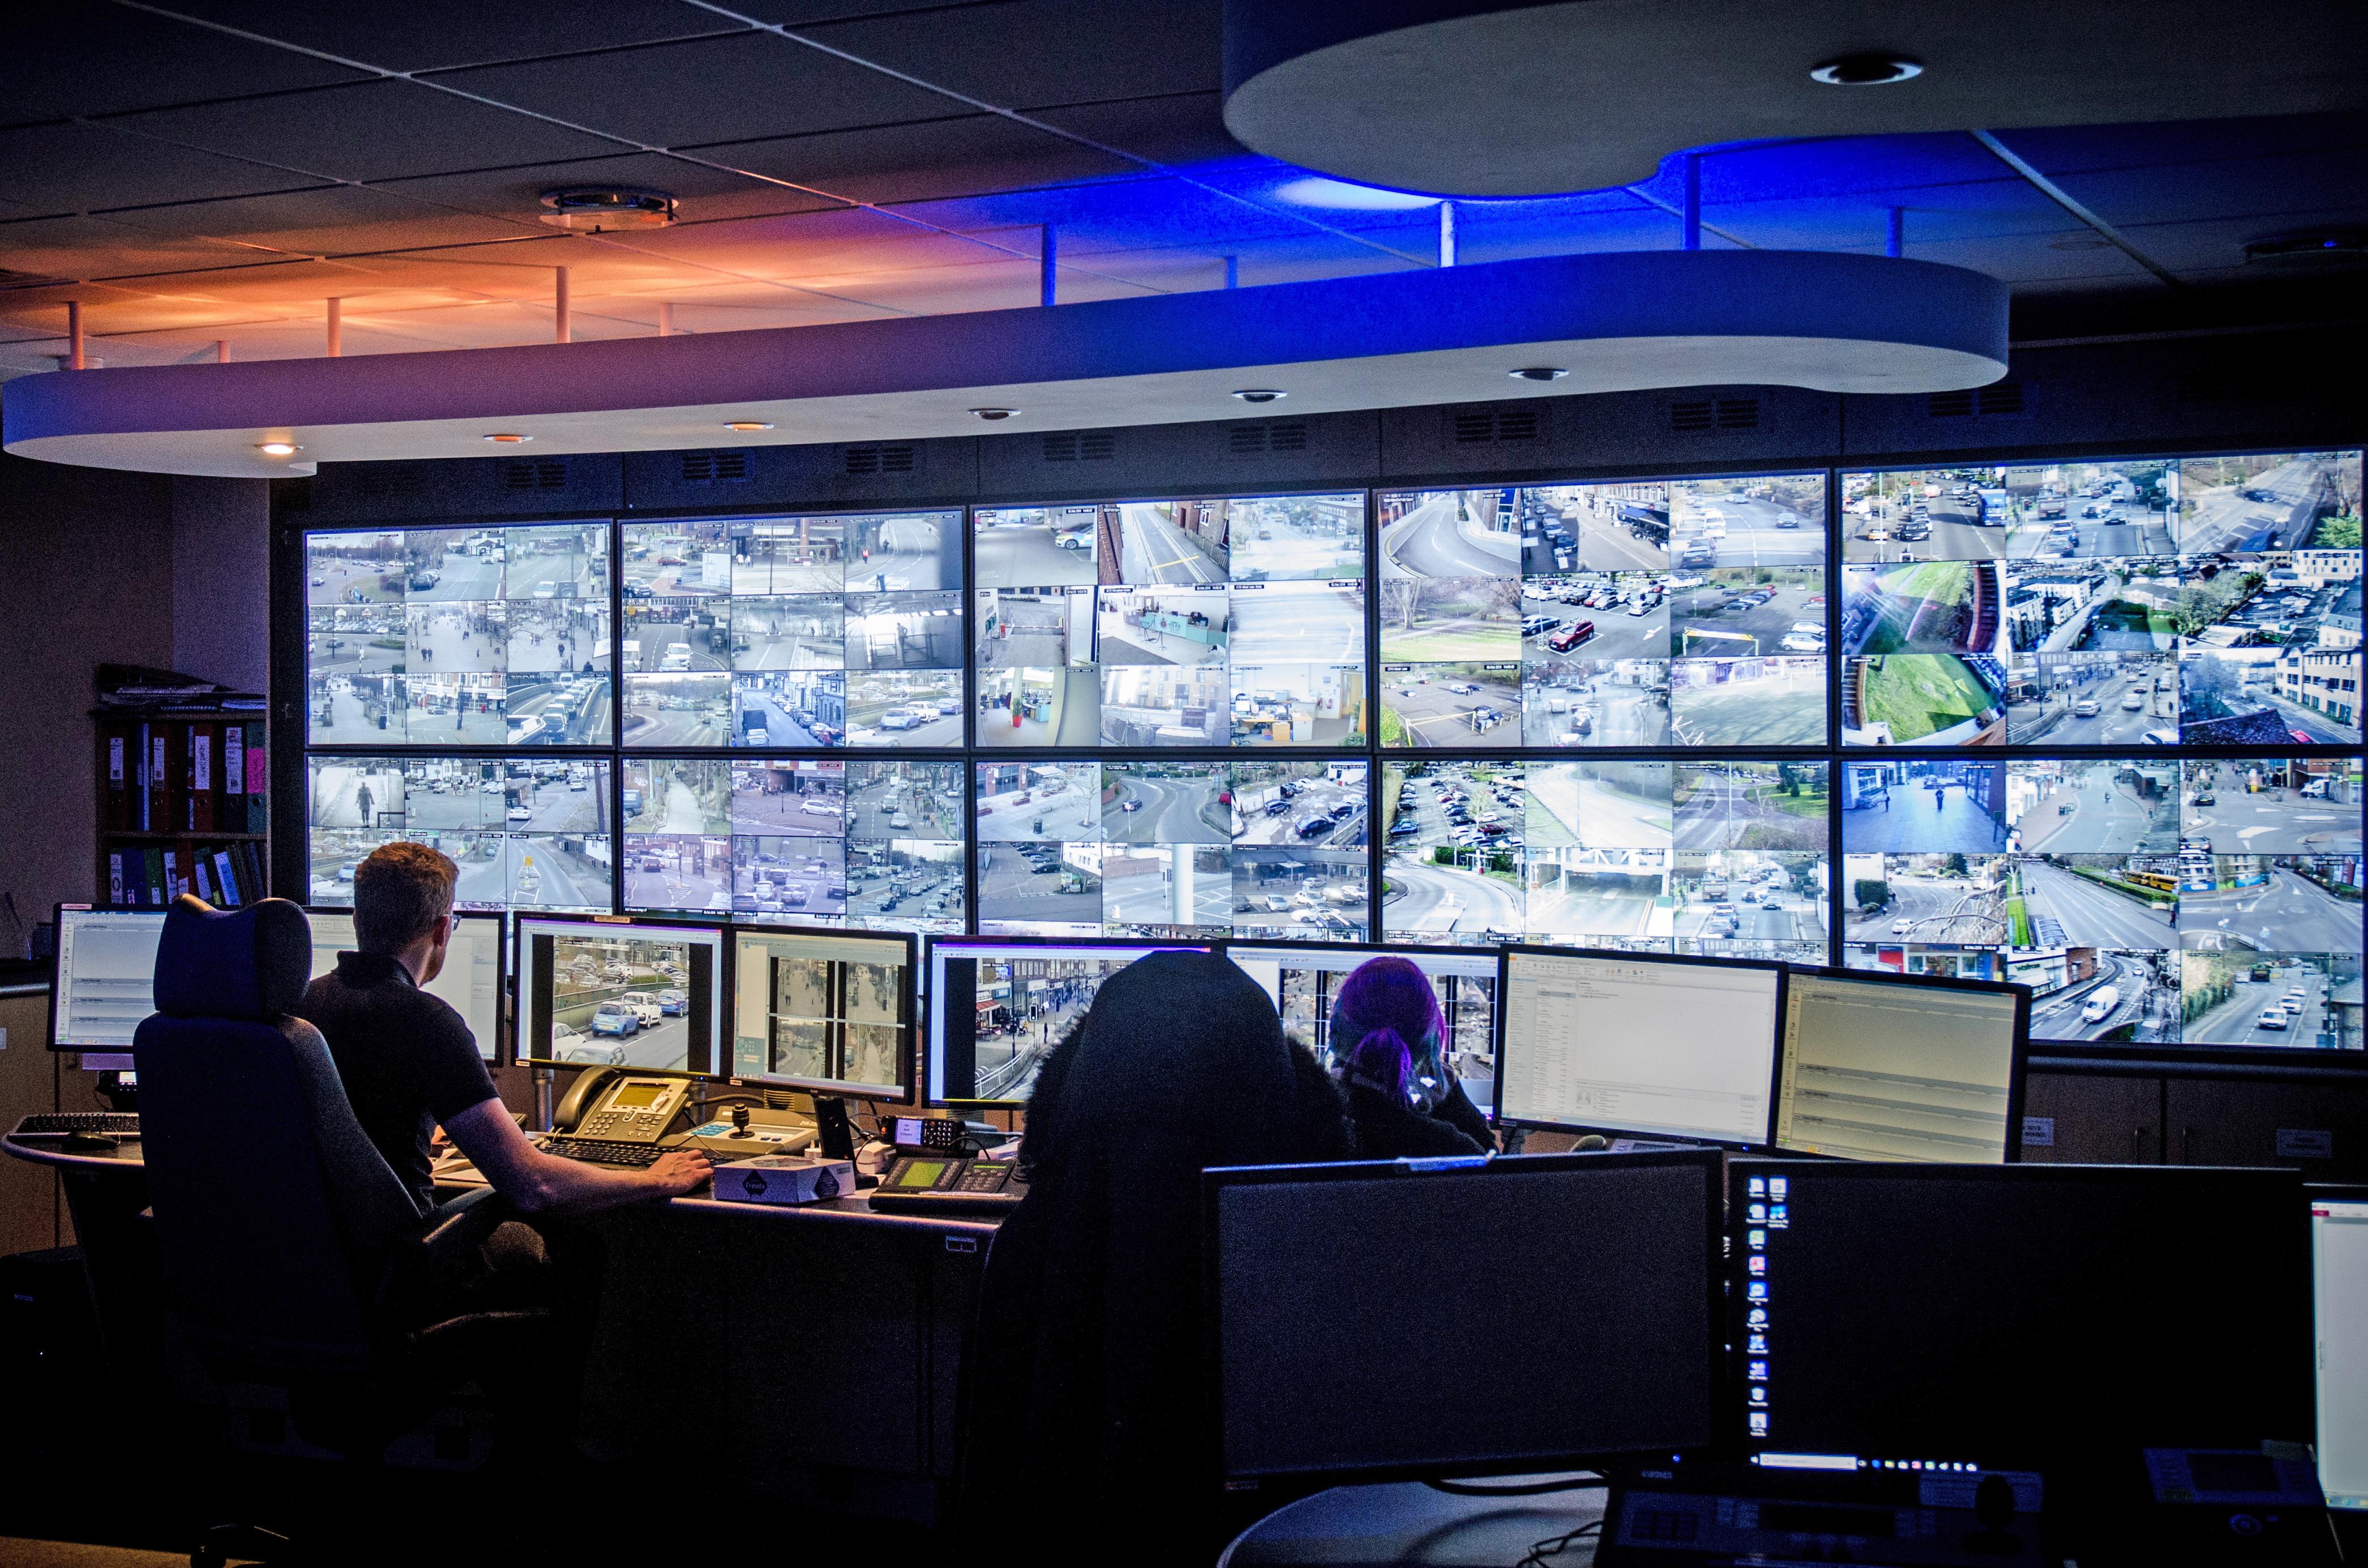 Safer Runnymede: Plataforma combina tecnologia de segurança pública com serviços de segurança pessoal